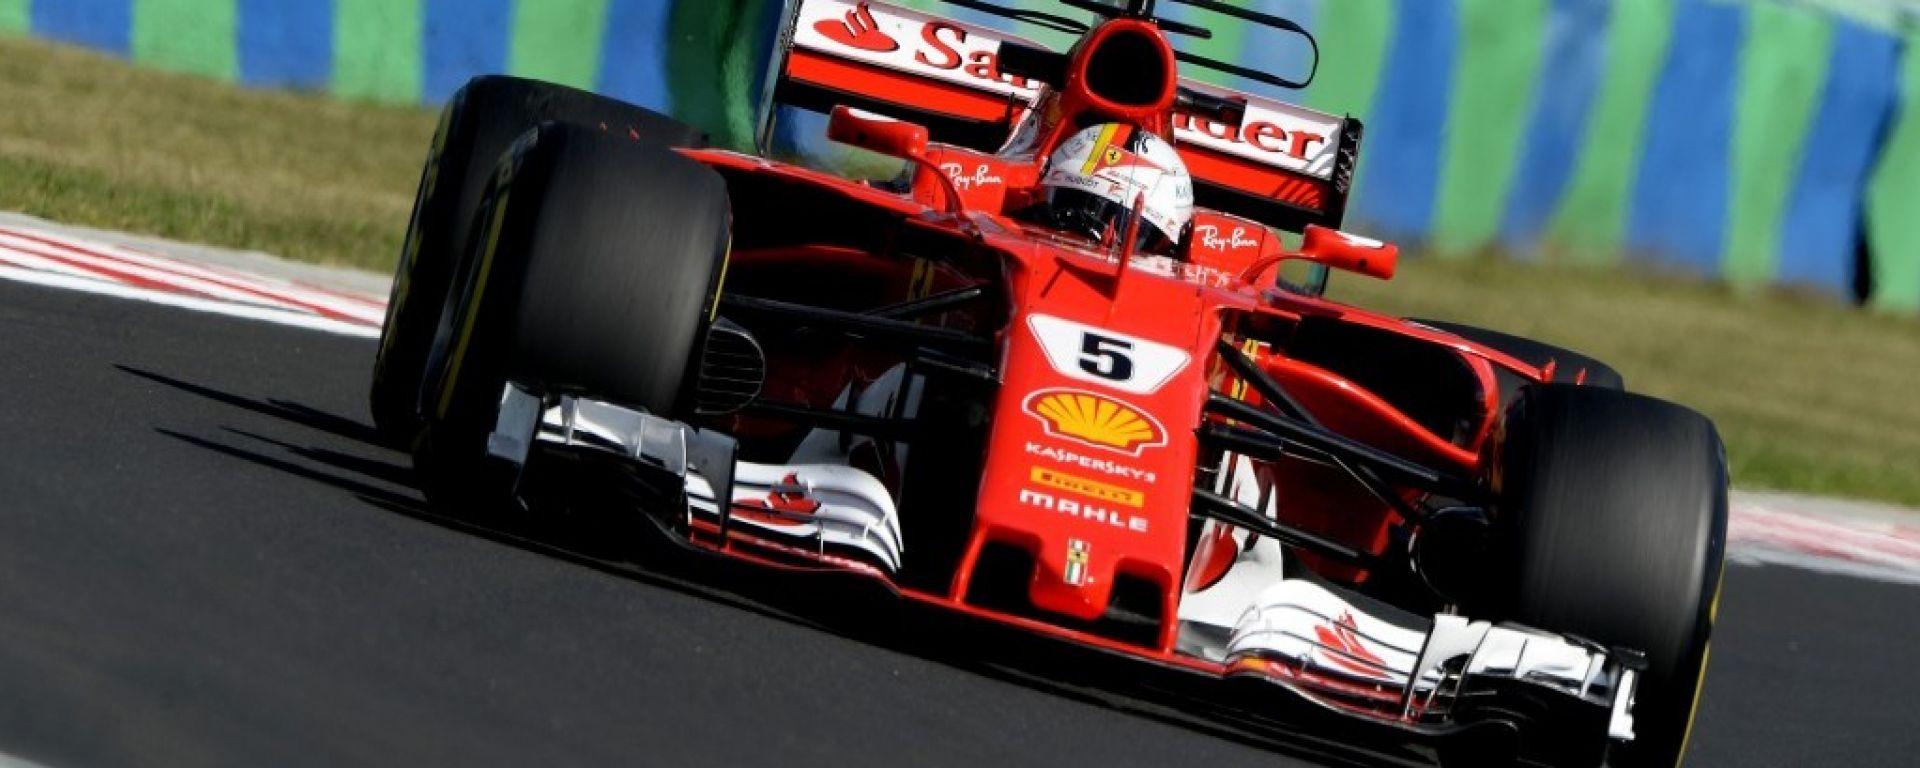 Circuito Ungheria : F1 2018: gran premio dungheria sul circuito hungaroring motorbox